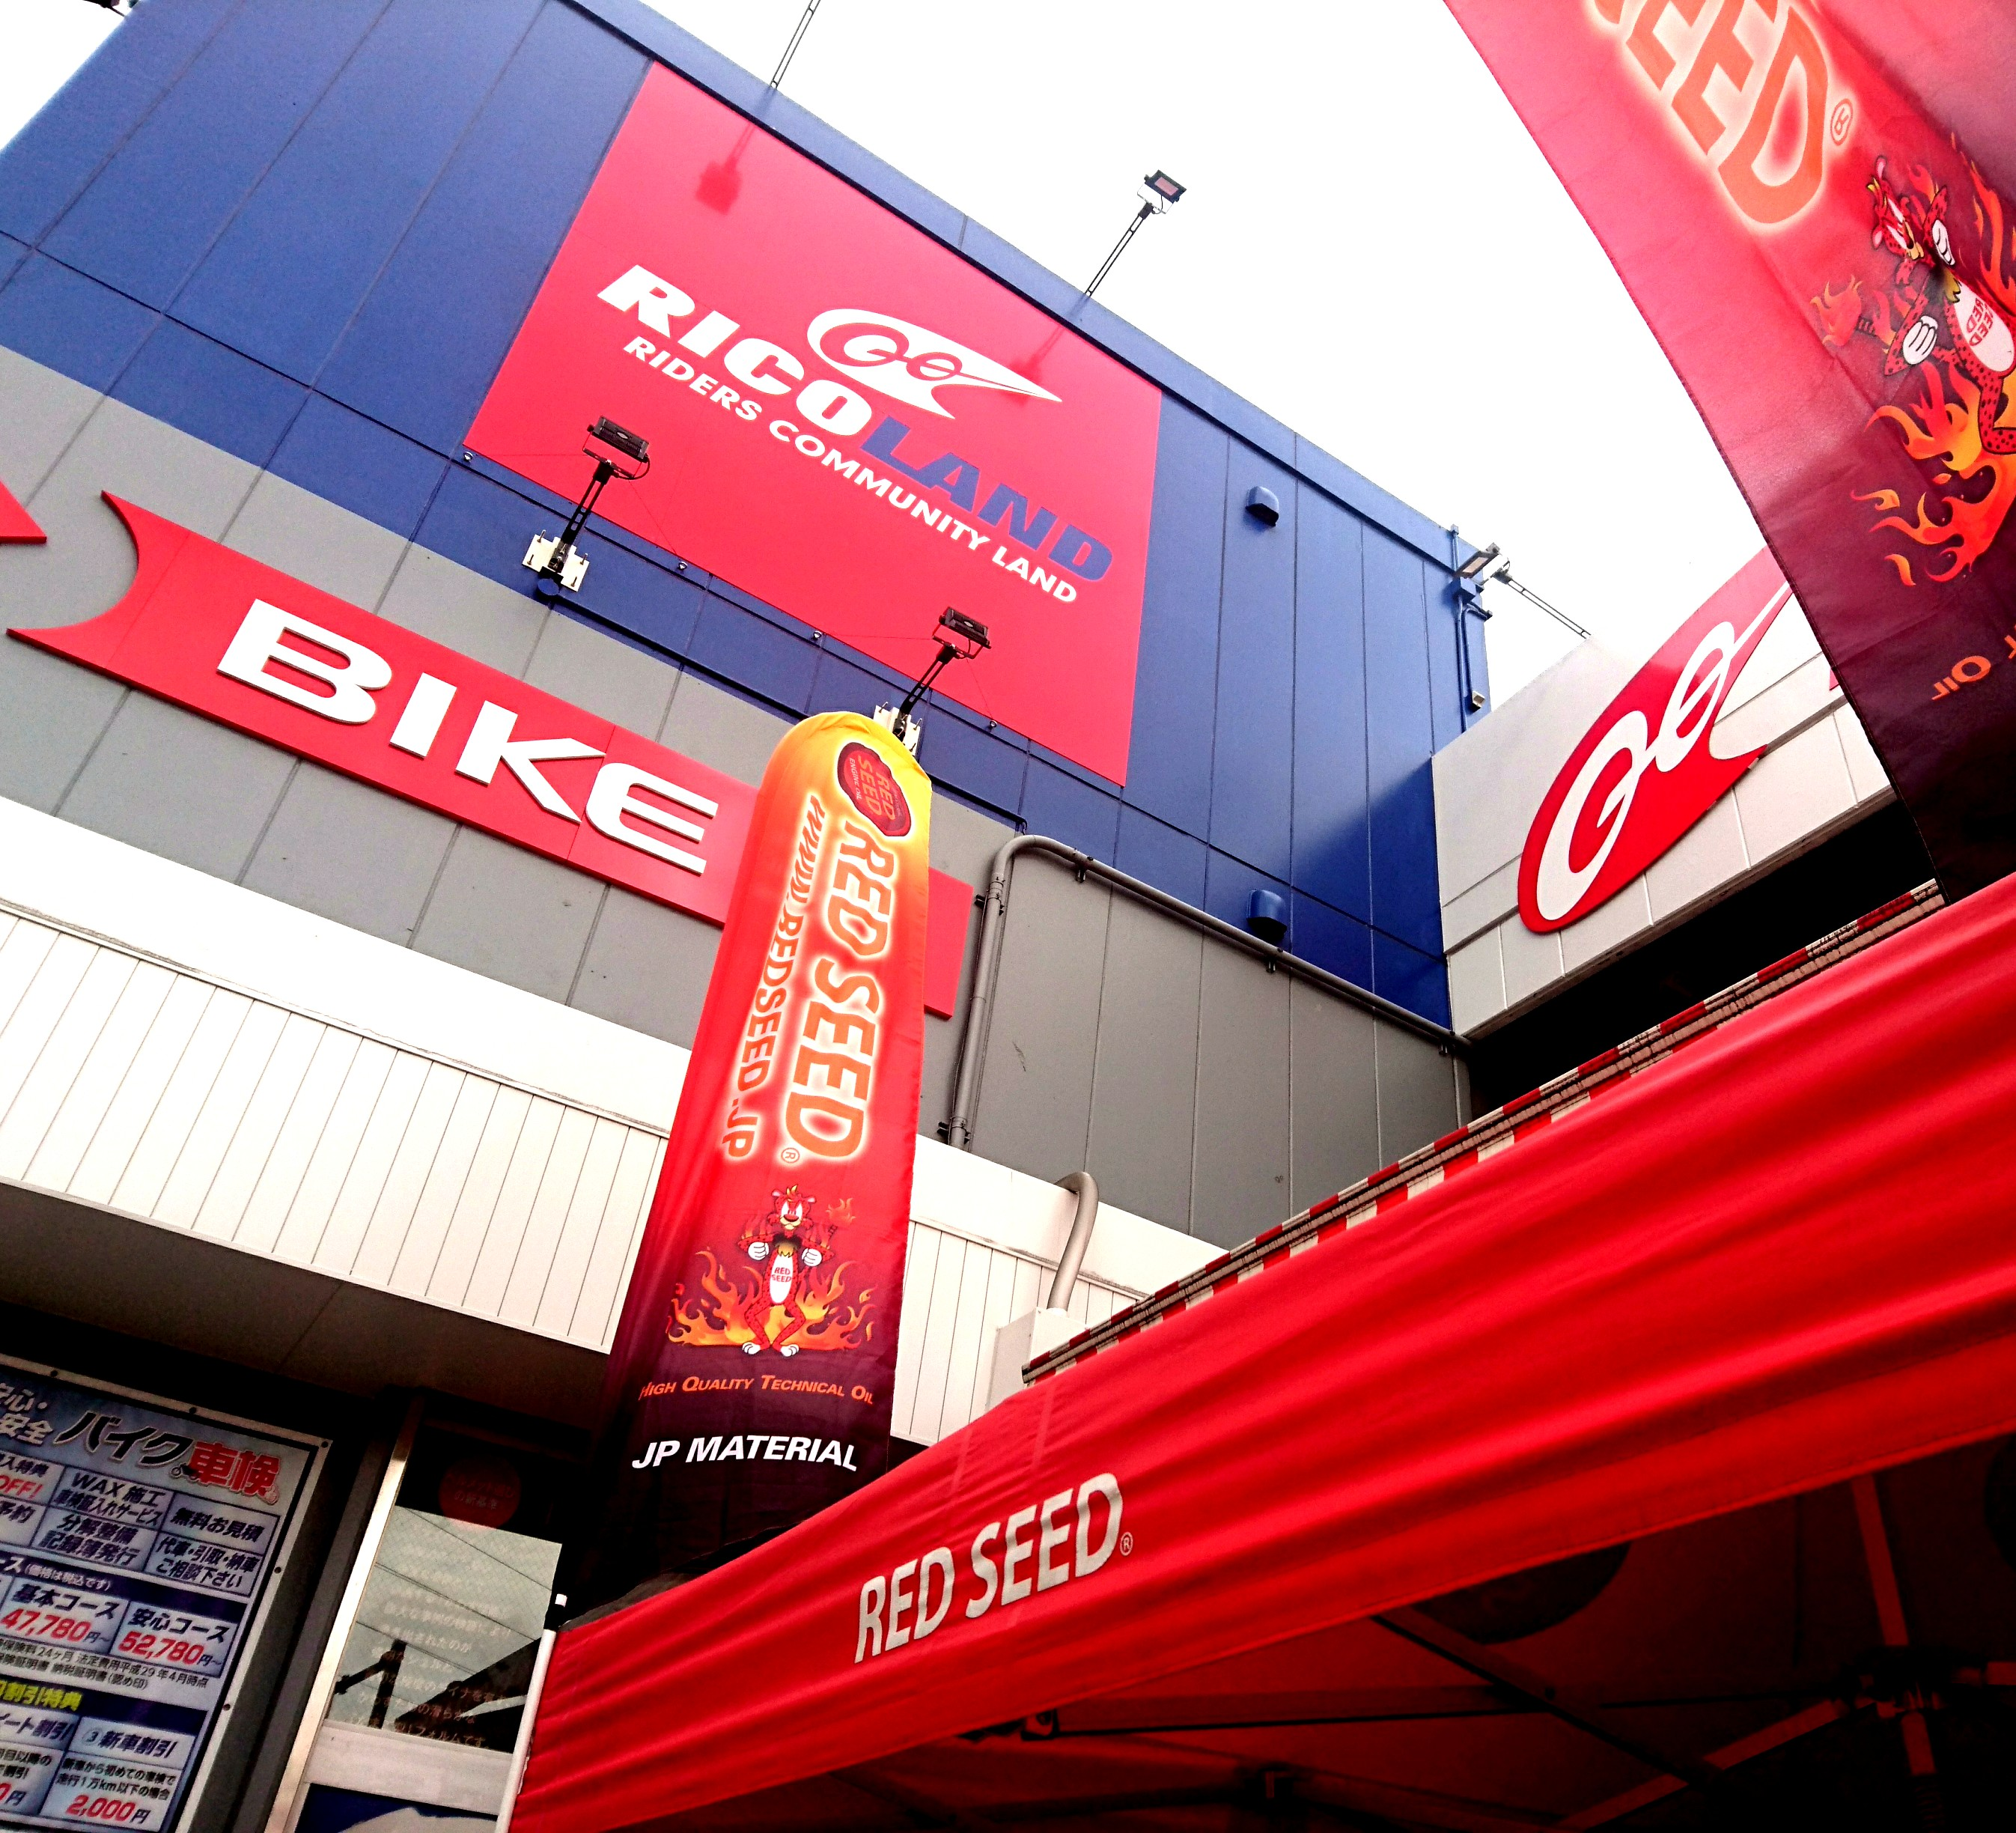 9月1日(土)2日(日)ライコランド新横浜店にて、RED SEED&AMSOIL販売イベント開催。